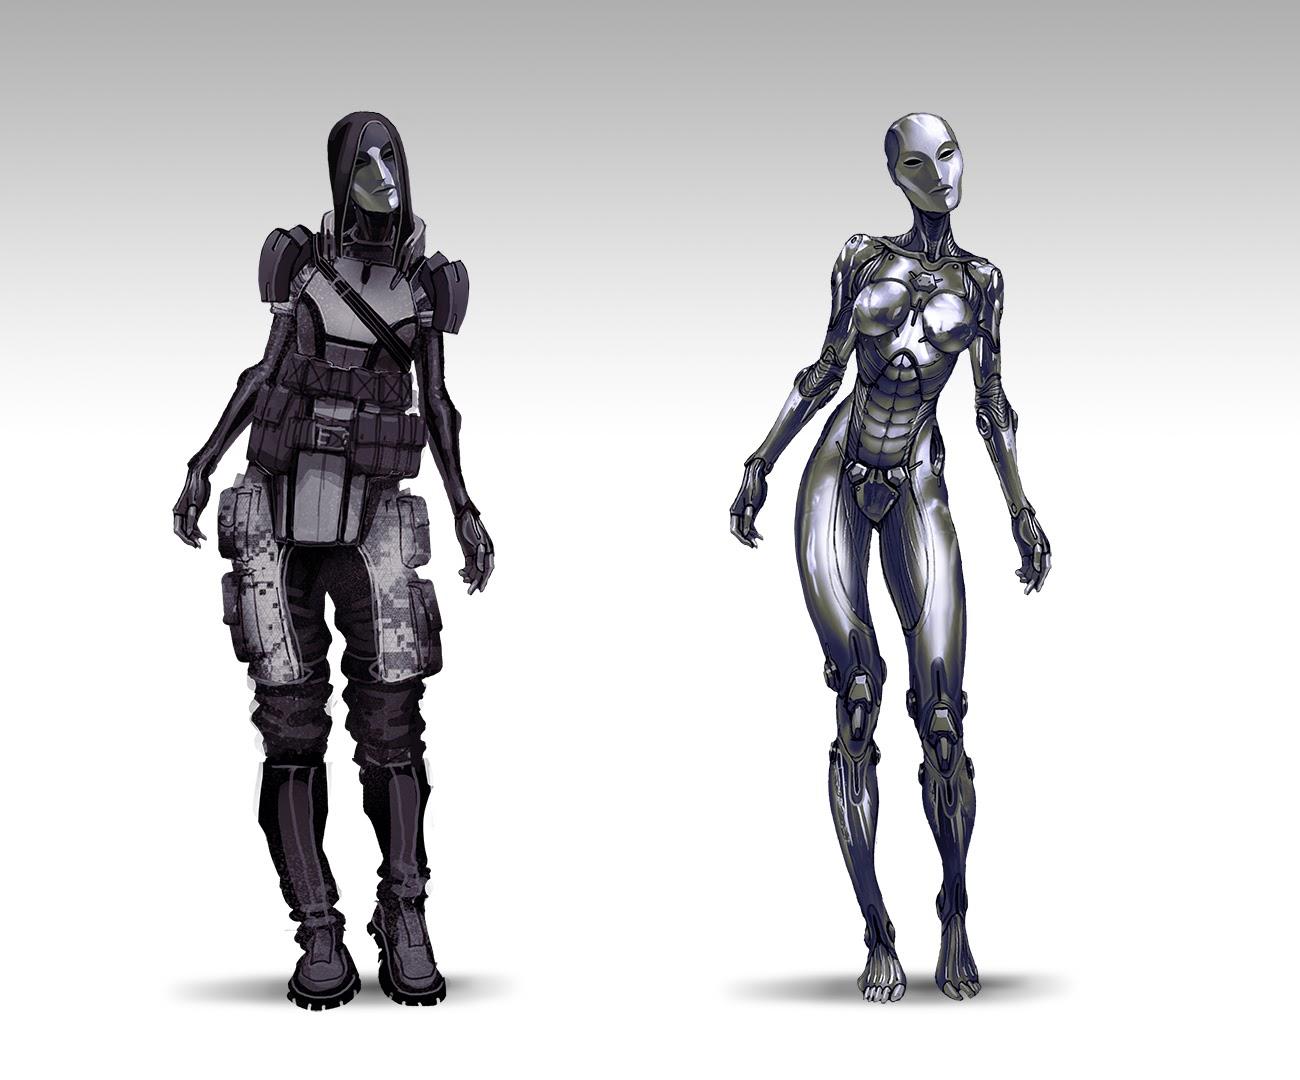 Takhle mohl původně vypadat Mass Effect a Dragon Age 85128